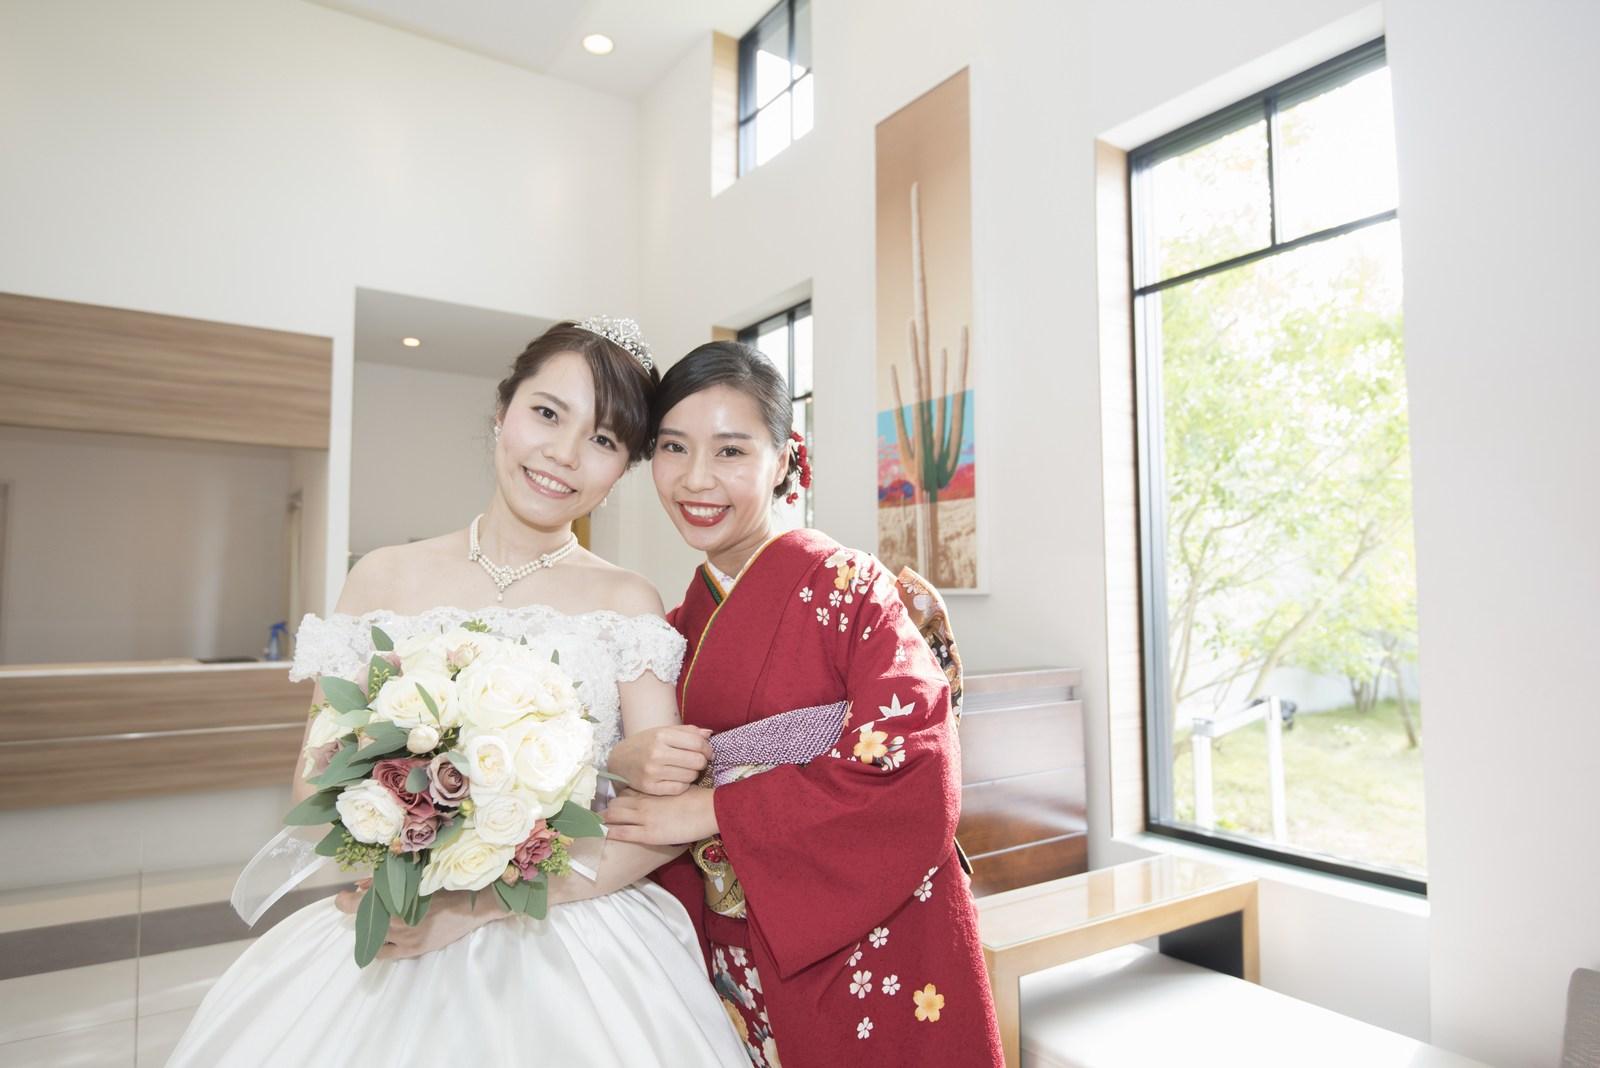 香川県の結婚式場シェルエメール&アイスタイルお色直し